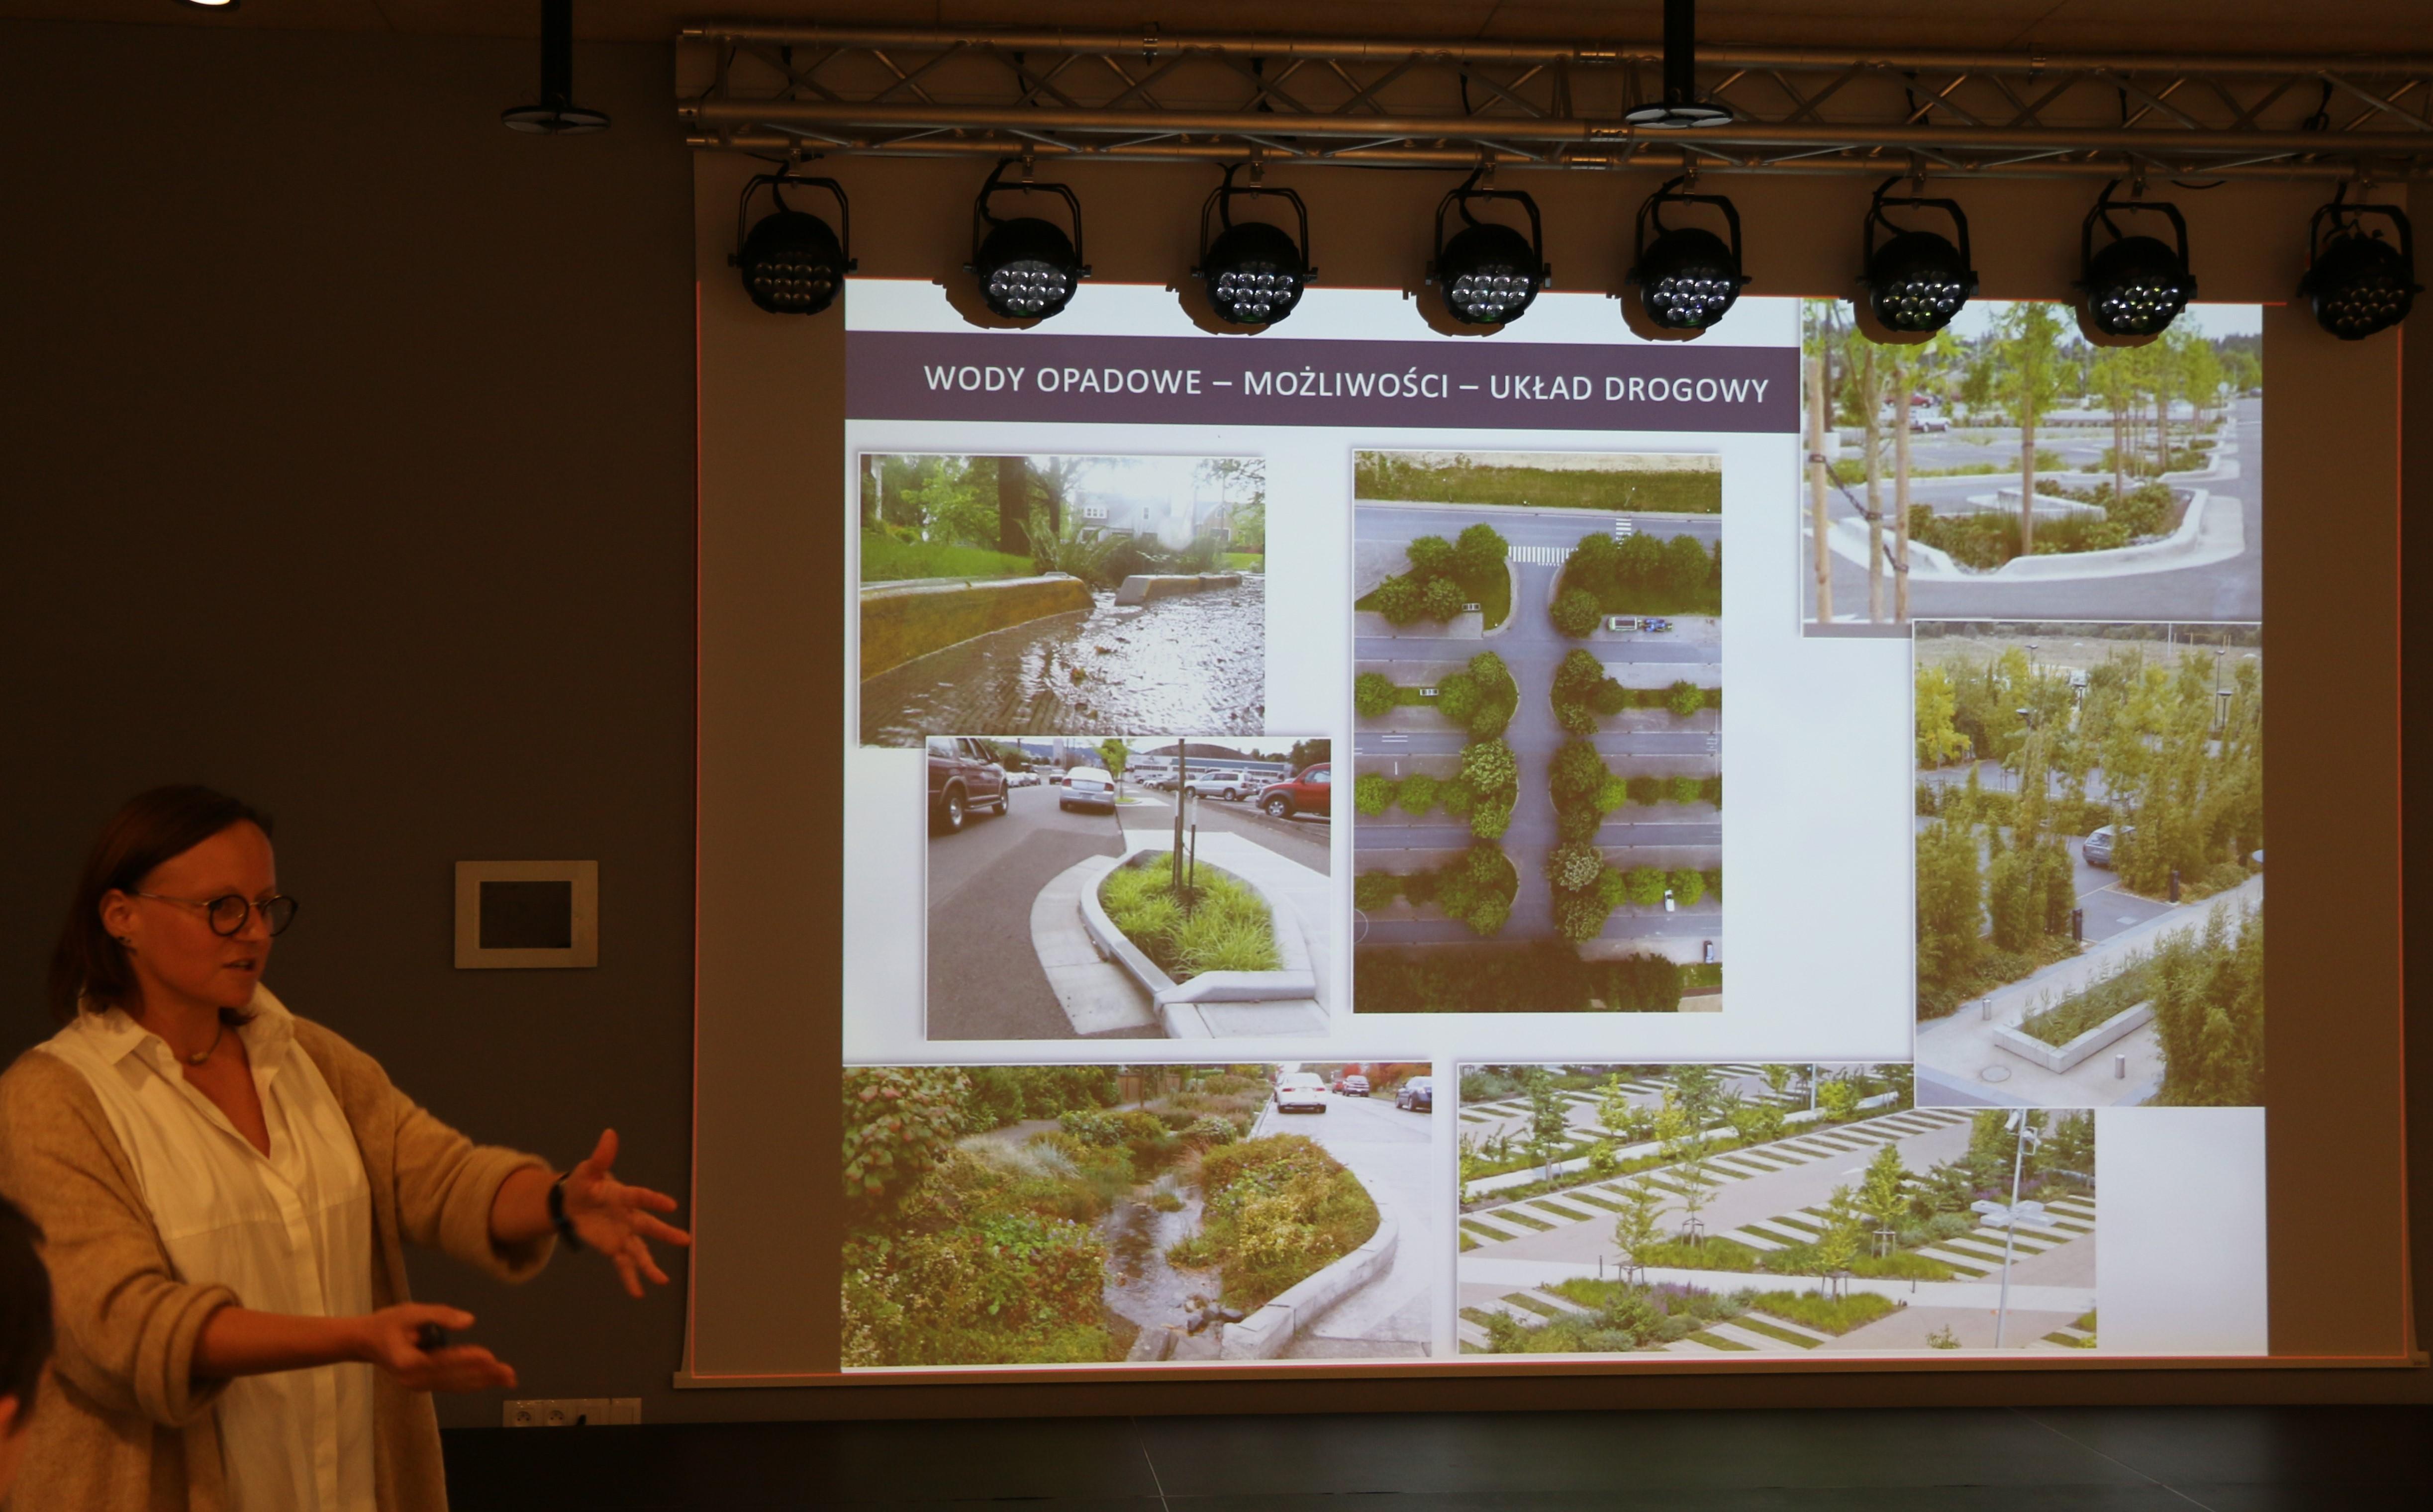 Jakie centrum Piaseczna? Na zdjeciu tablica multimedialna z obrazem rozwiązań infrastruktury deszczowej oraz prelegentka.